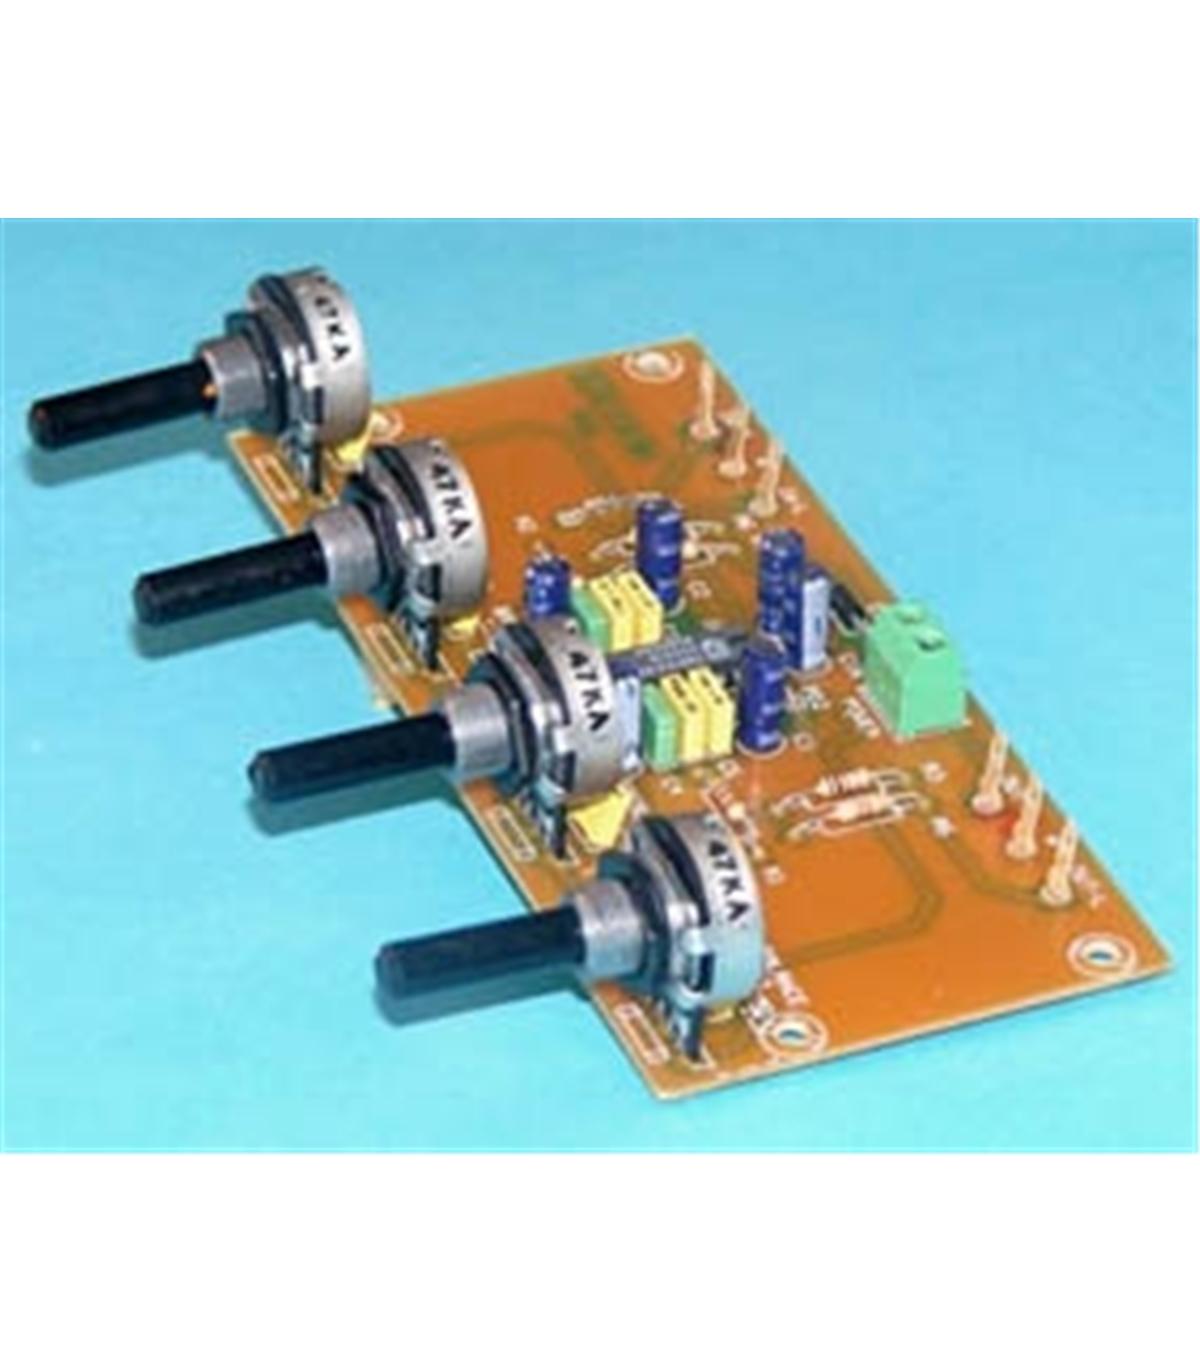 Transformar amp. csr sufio em amp Hi-Fi P-1-controlador-de-tons-stereo-2-canais-12vdc-p-1